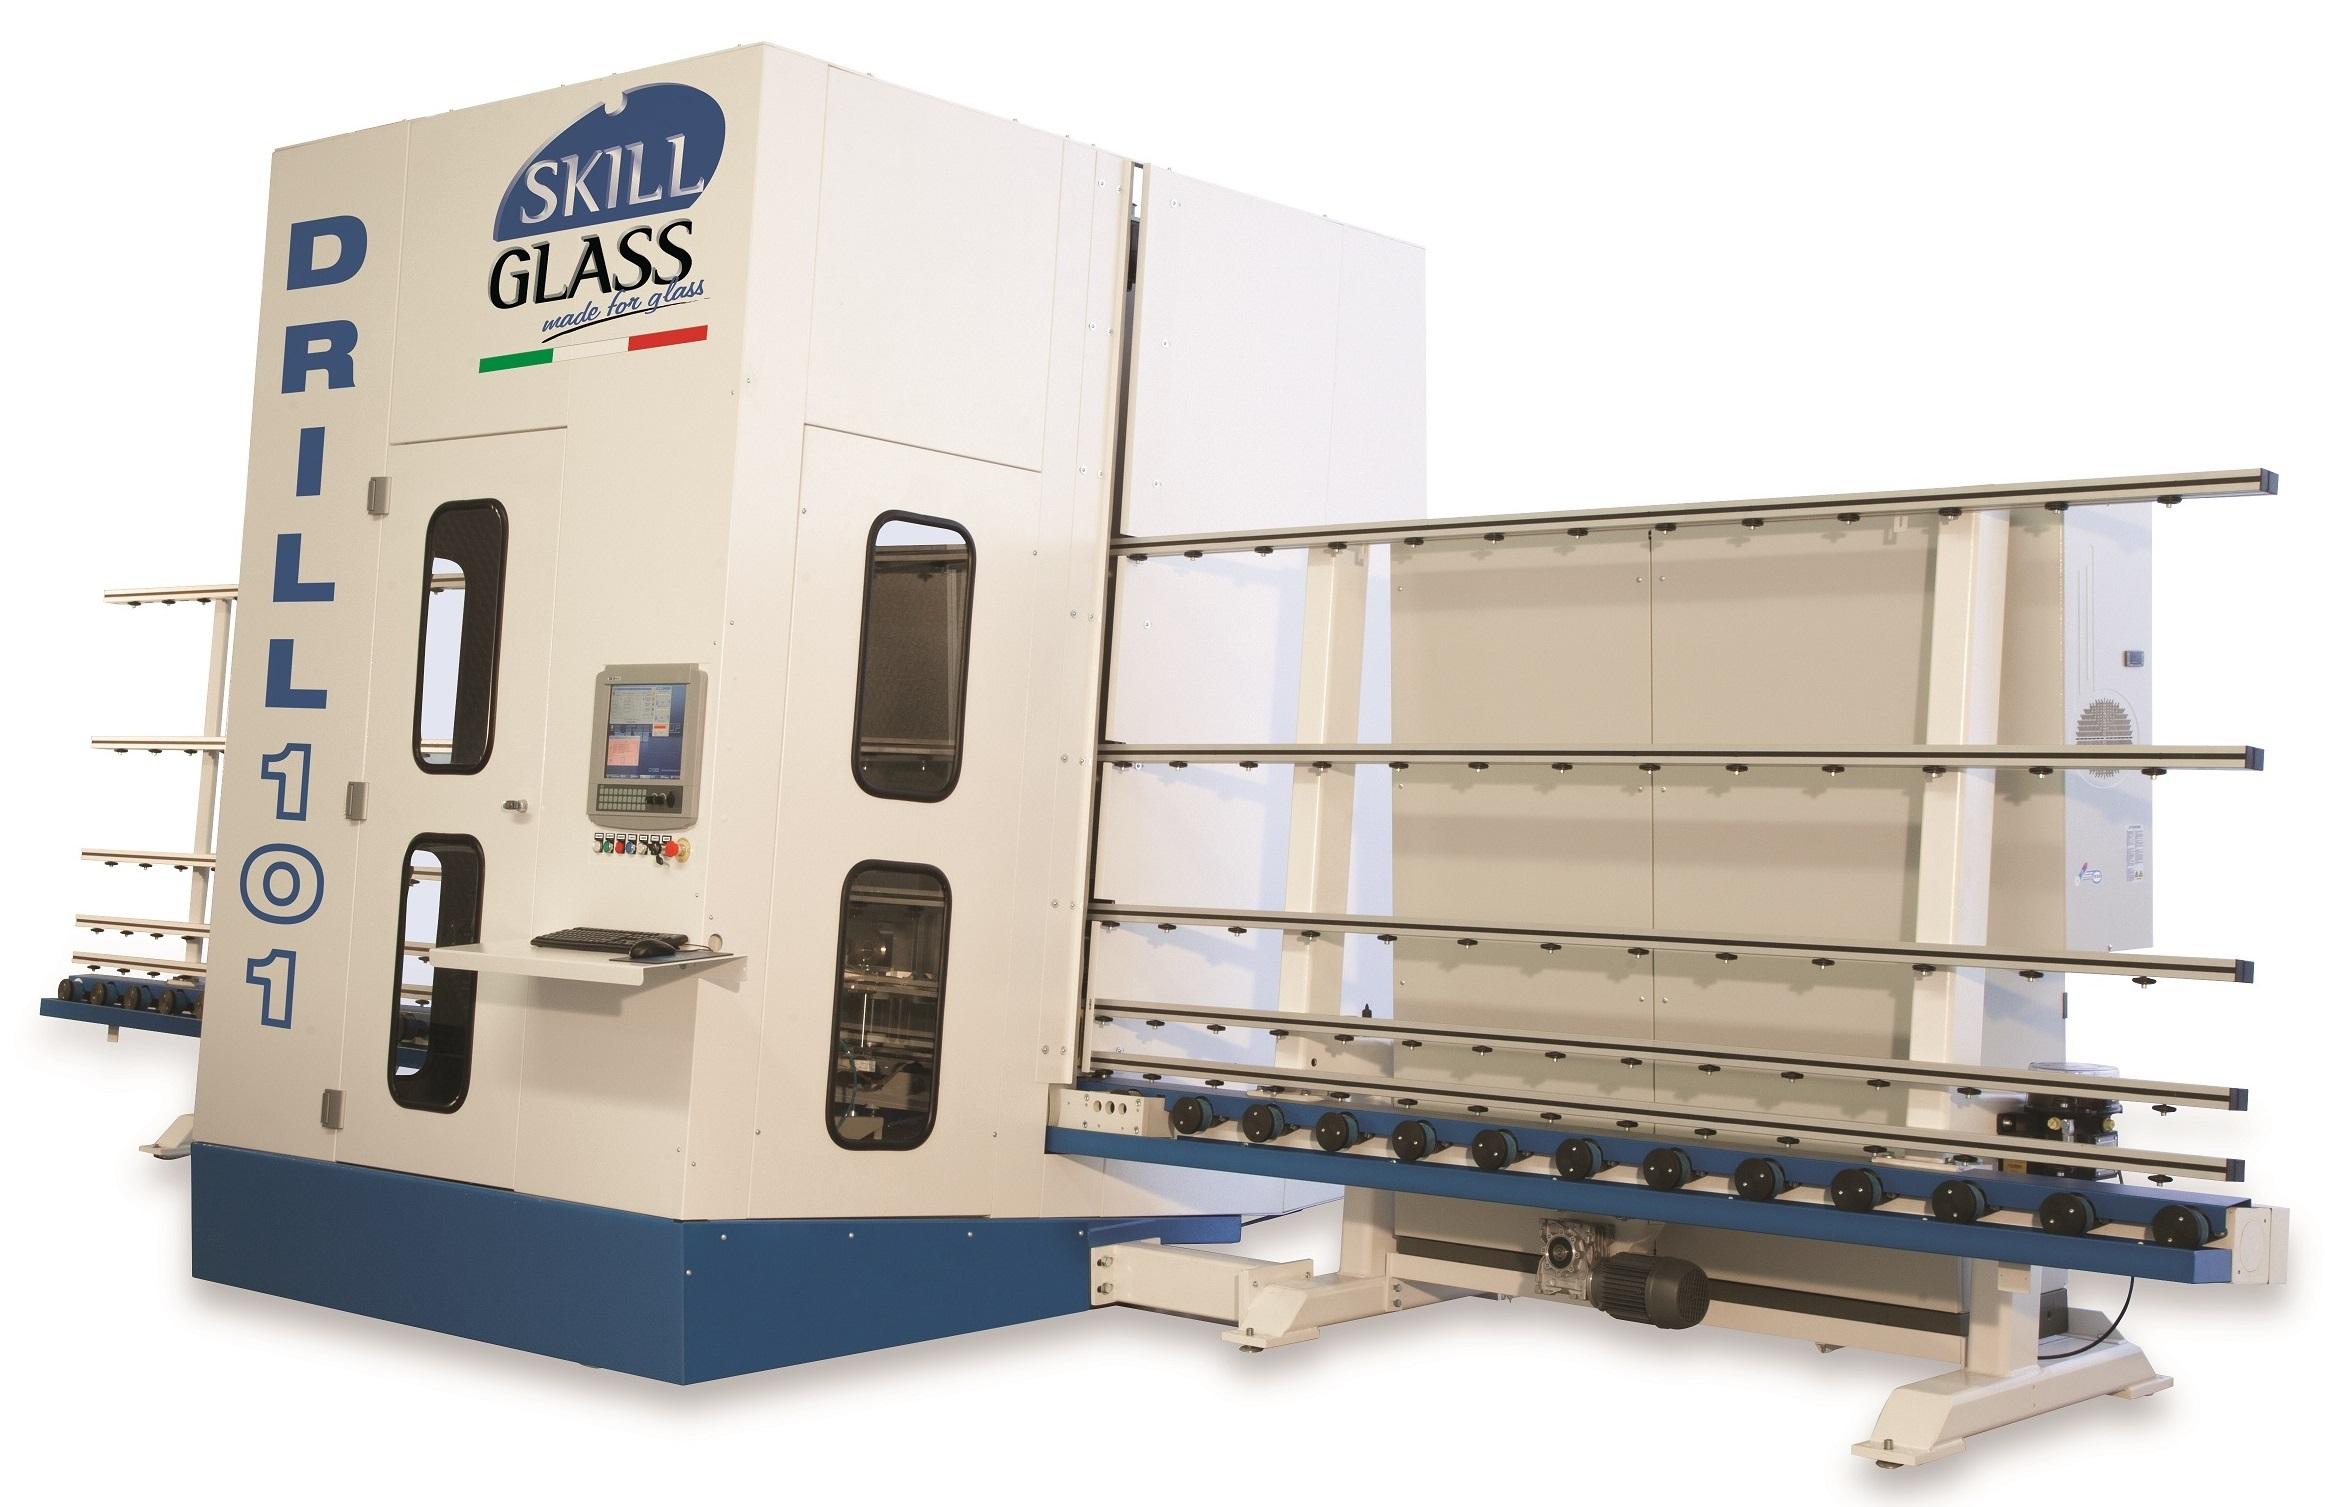 SKILL GLASS